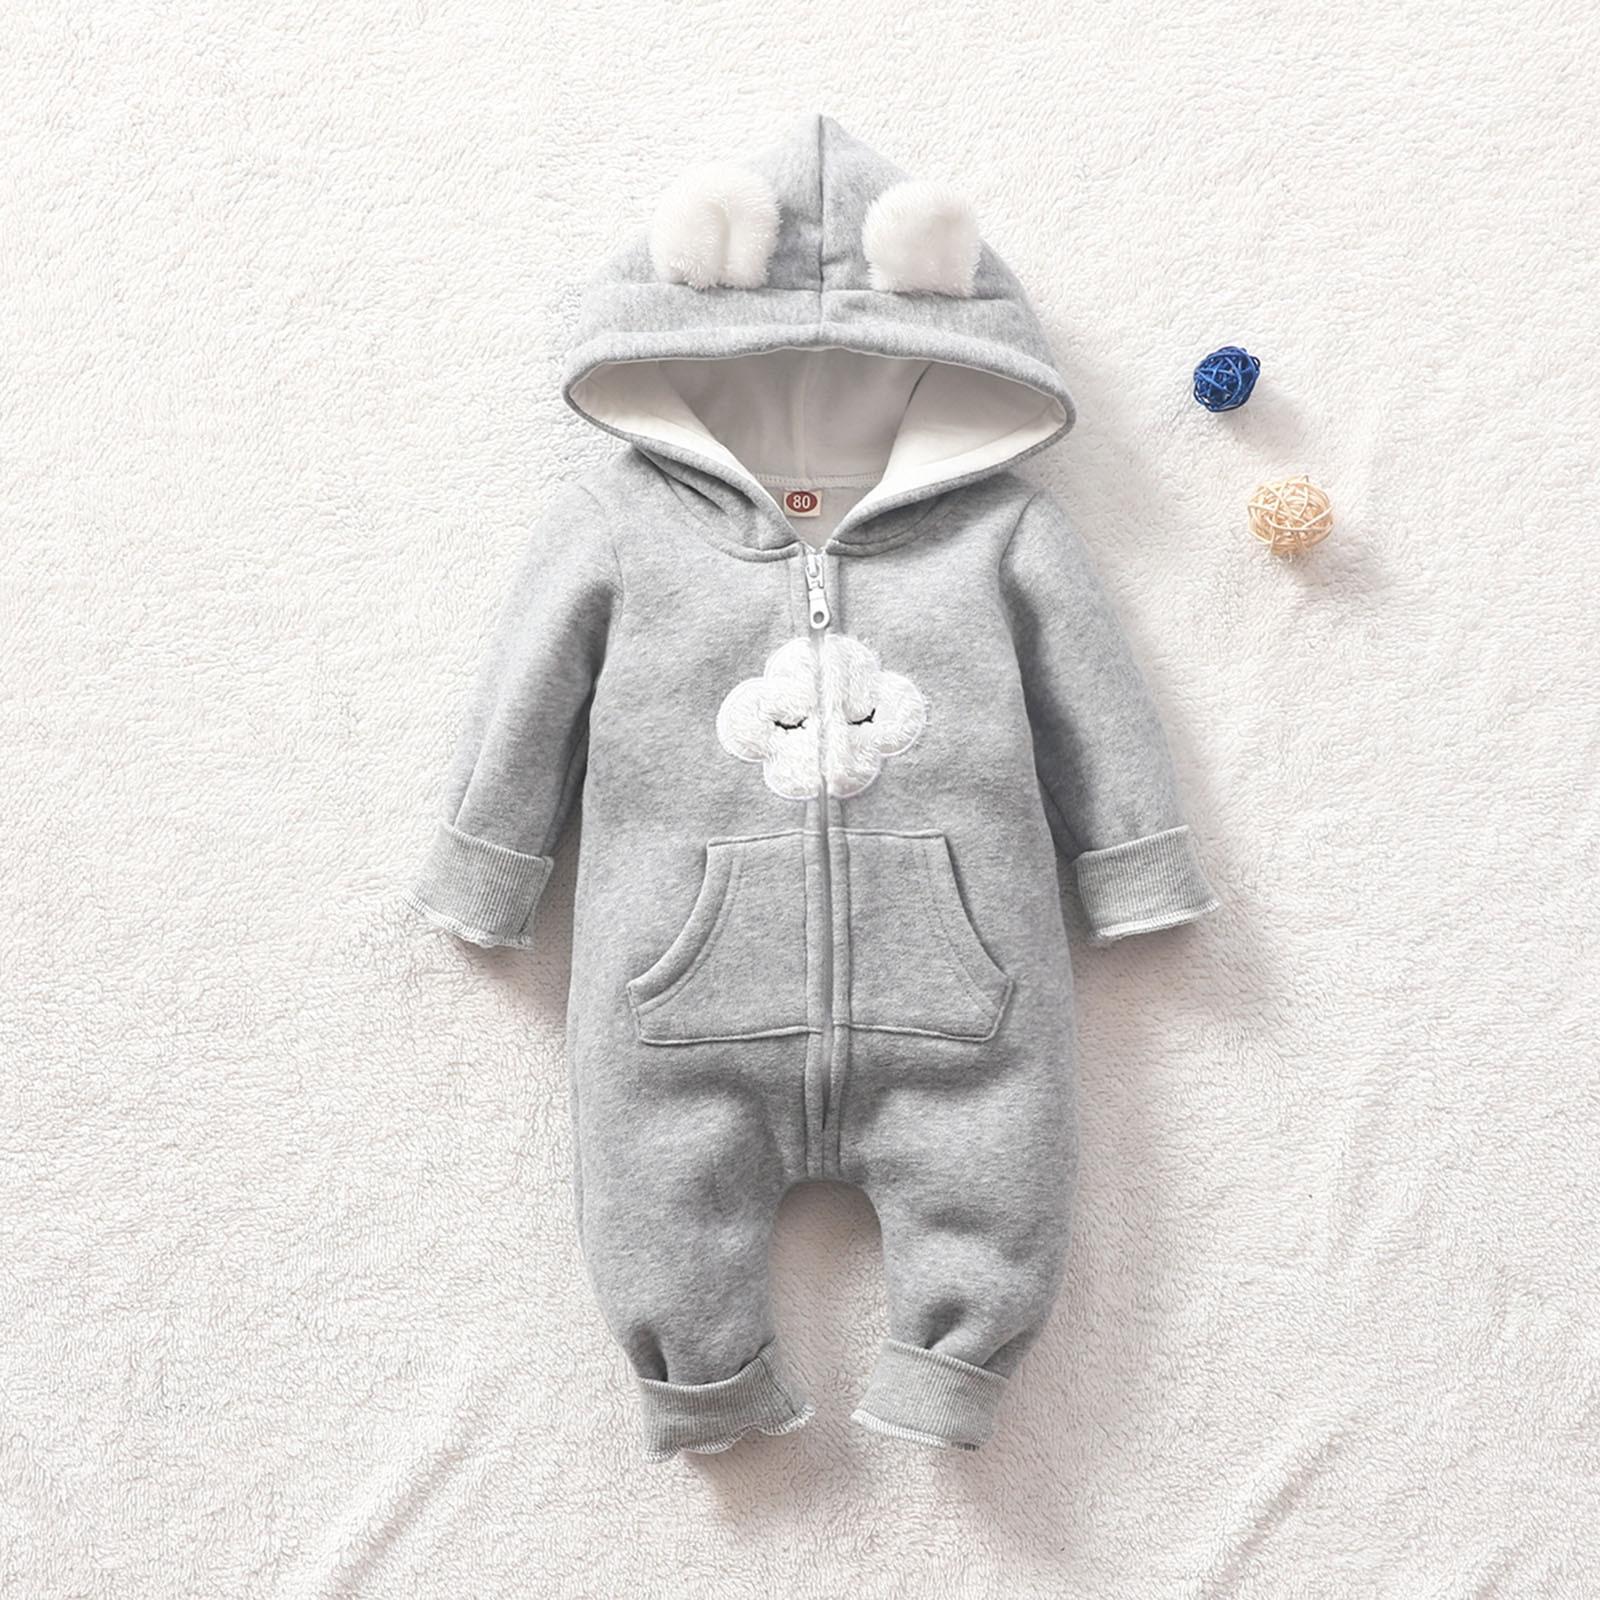 Пальто для новорожденных, теплый Модный комбинезон для новорожденных, с капюшоном и ушками, комбинезон, одежда